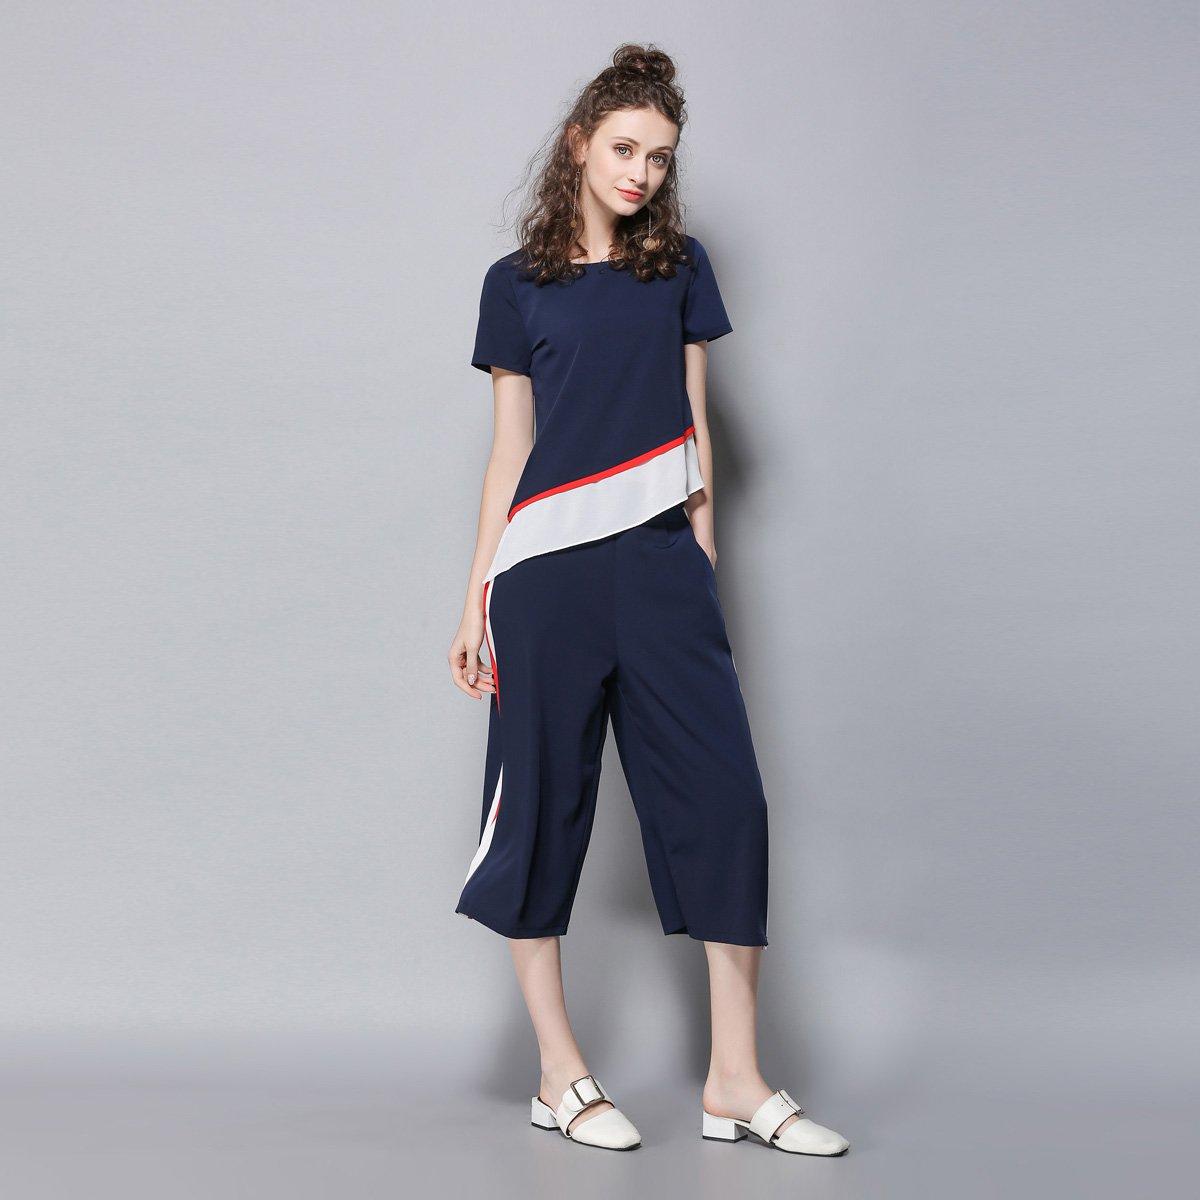 超凡脱俗的服装设计 戈蔓婷女装加盟店值得一逛